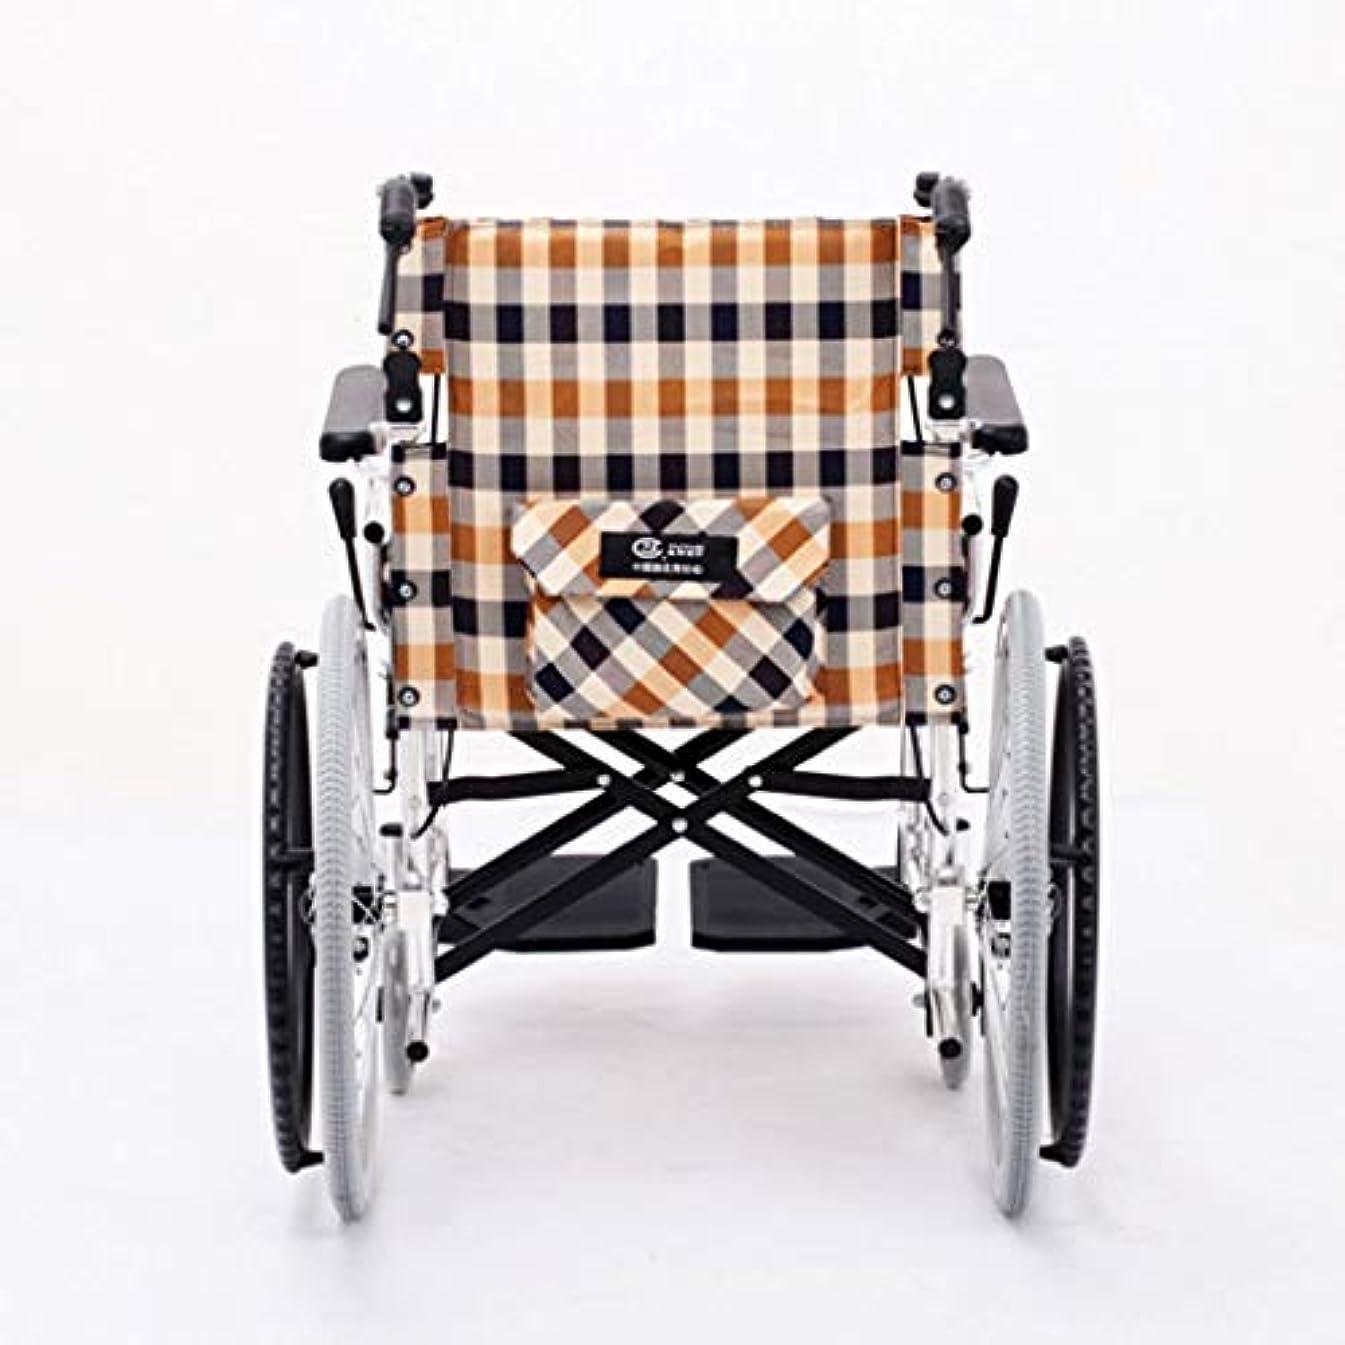 ルビーがんばり続けるエレメンタル車椅子のアルミニウムフレームの障害者、高齢者およびリハビリテーションの患者のための高齢者の携帯用旅行車椅子